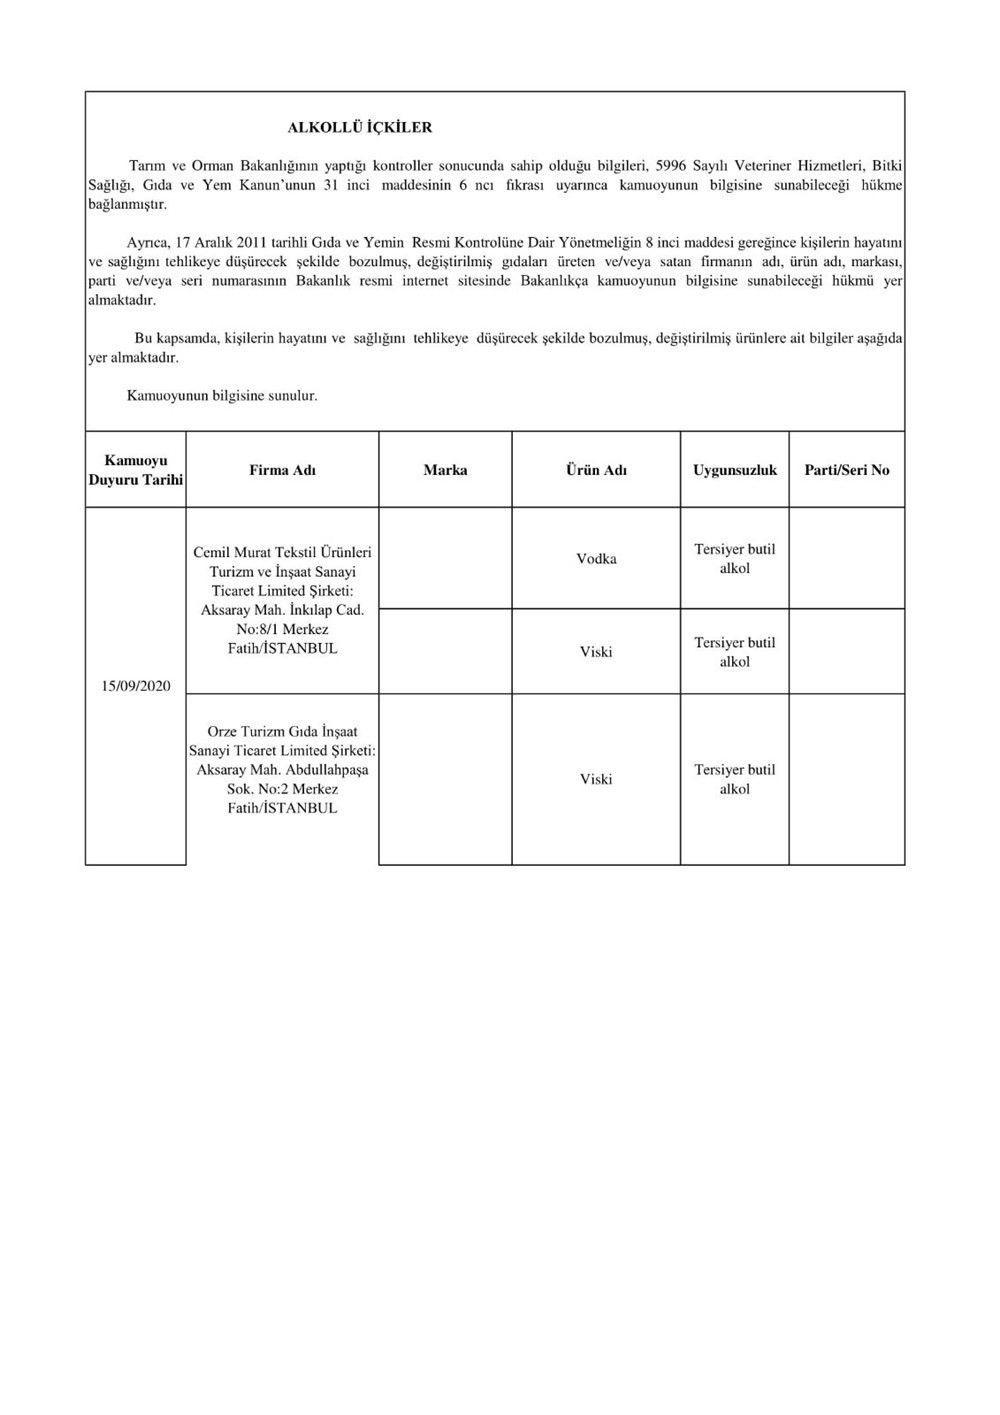 Tarım ve Orman Bakanlığı hileli gıdaların listesini tek tek açıkladı - Sayfa 1